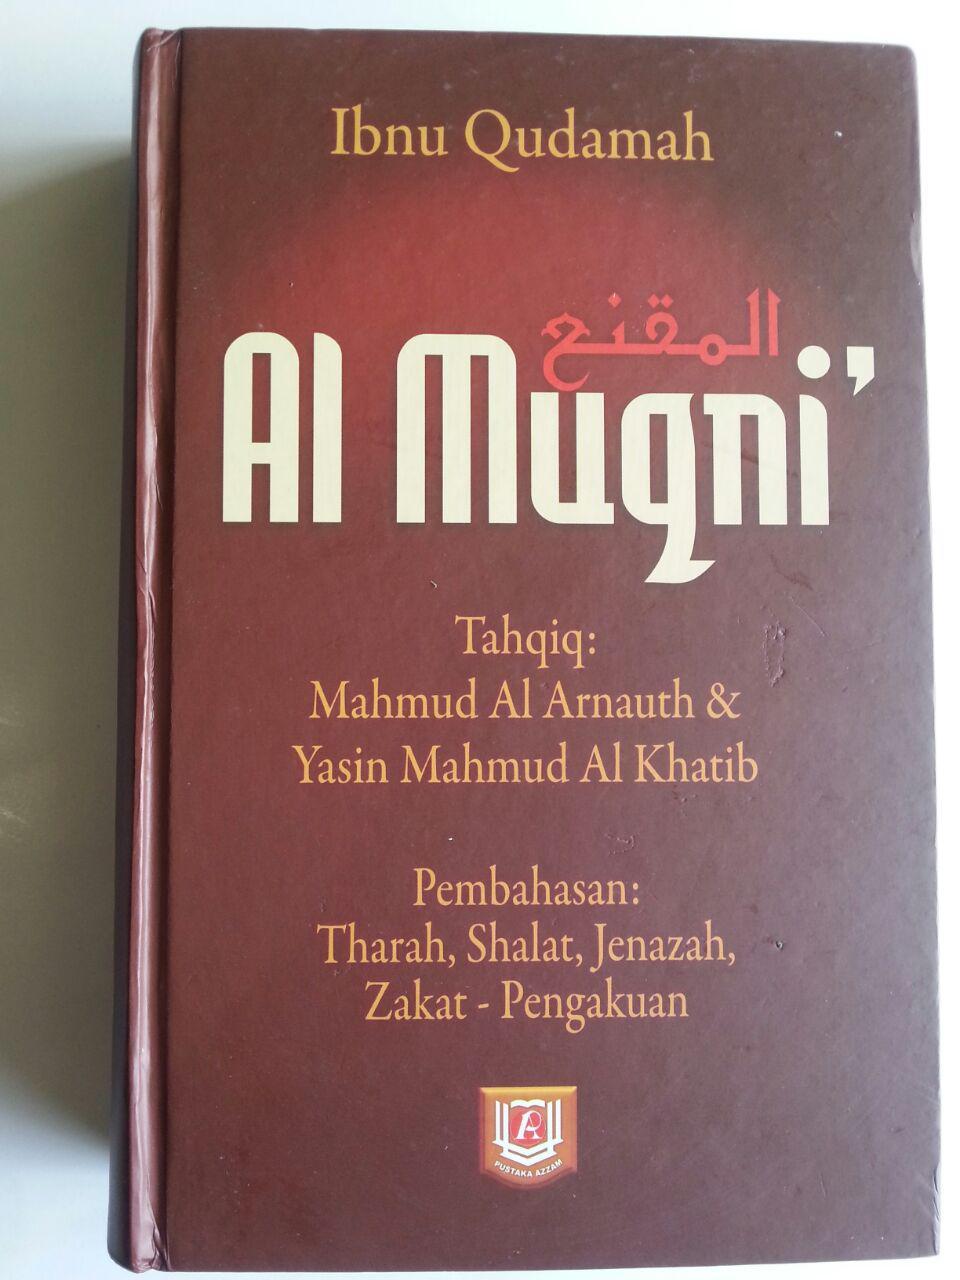 Buku Al-Muqni' Ibnu Qudamah Jilid 1 cover 3